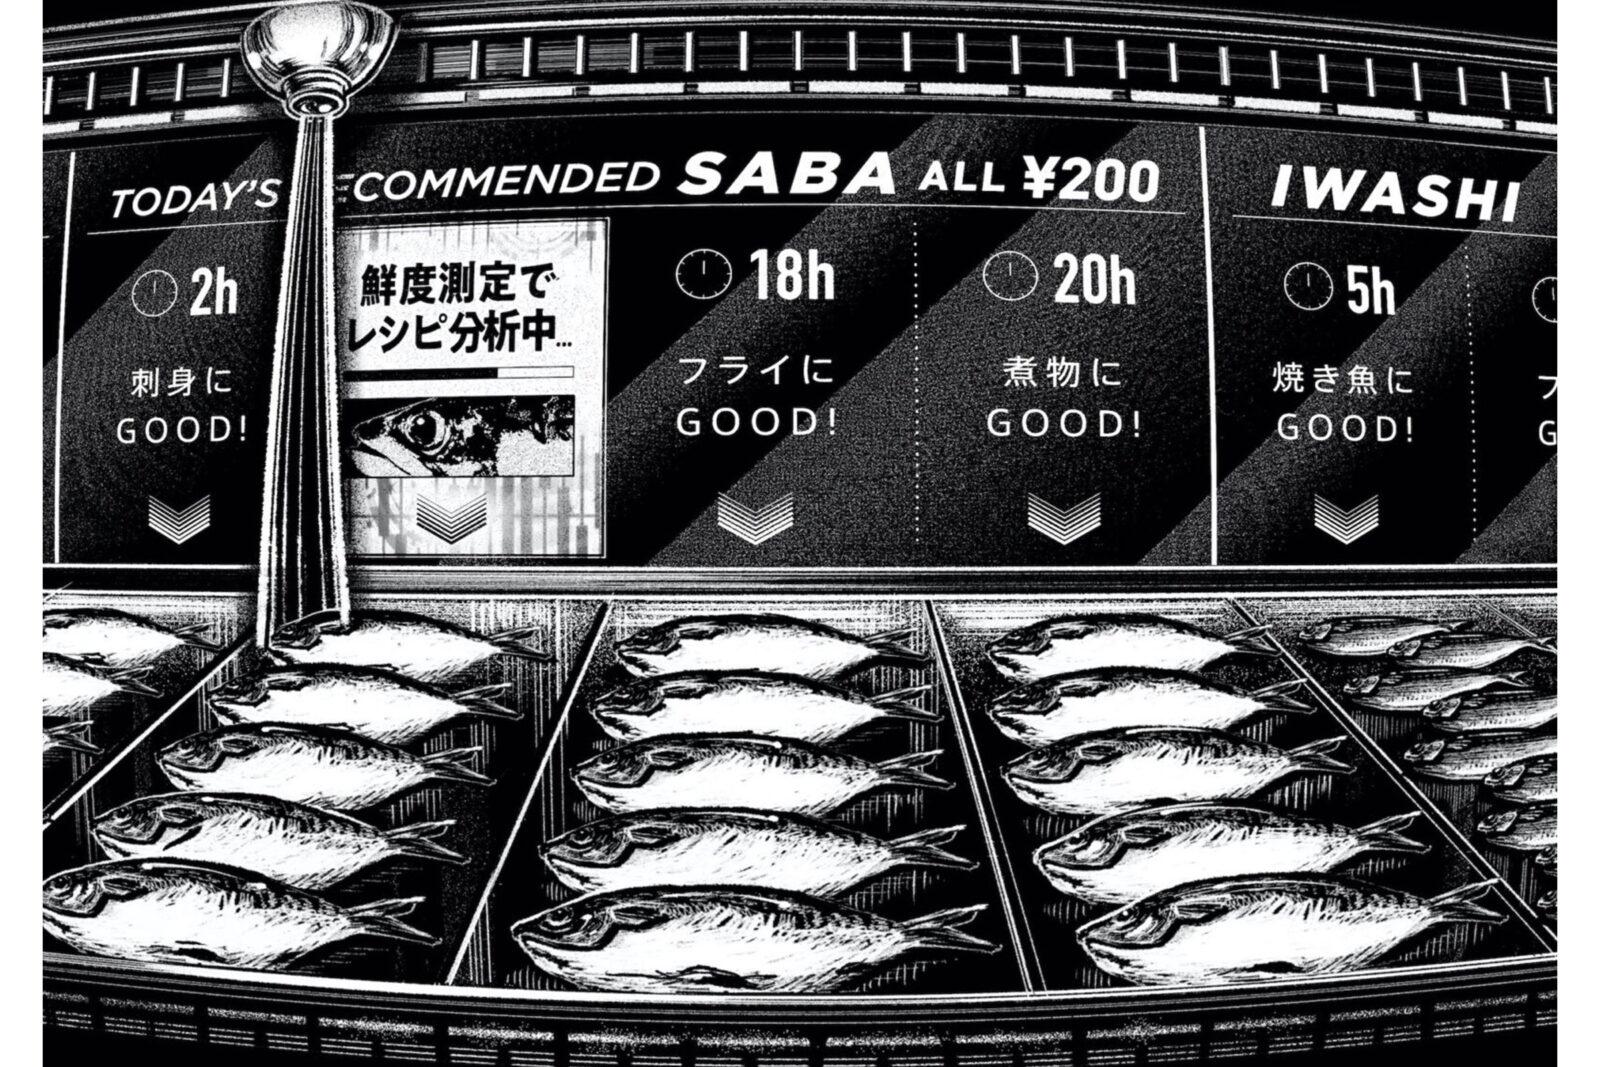 知財 魚の鮮度測定テクノロジー→妄想 フードロスゼロ鮮魚店正確な保存状態から最適レシピの提案まで。スーパーの売り場に並ぶ魚の鮮度を見分けるのは素人には難しい。しかし「鮮度測定」という技術を使えば、紫外線カメラを装着したカメラで魚眼を撮影し、死後経過時間を正確に測定することができる。保存状態や賞味期限を把握した店員さんが、この魚はお刺し身向き、こっちはフライ向きなど、最適なレシピの提案をしてくれたら、どの店でも仕入れた魚を無駄にすることなく、フードロスという社会課題も解決できるかもしれない。